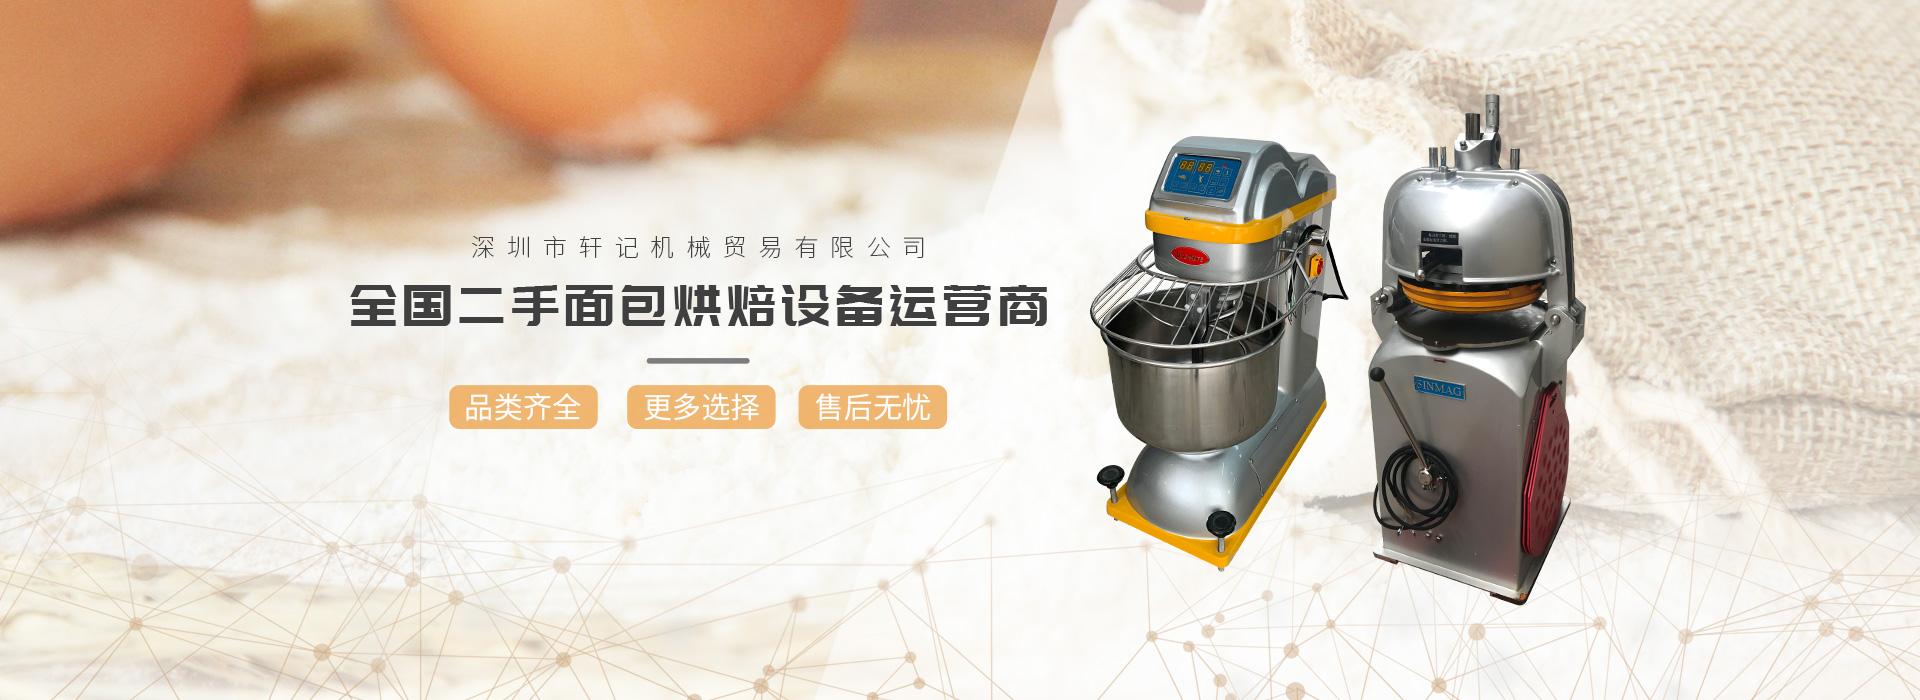 深圳市轩记机械贸易有限公司